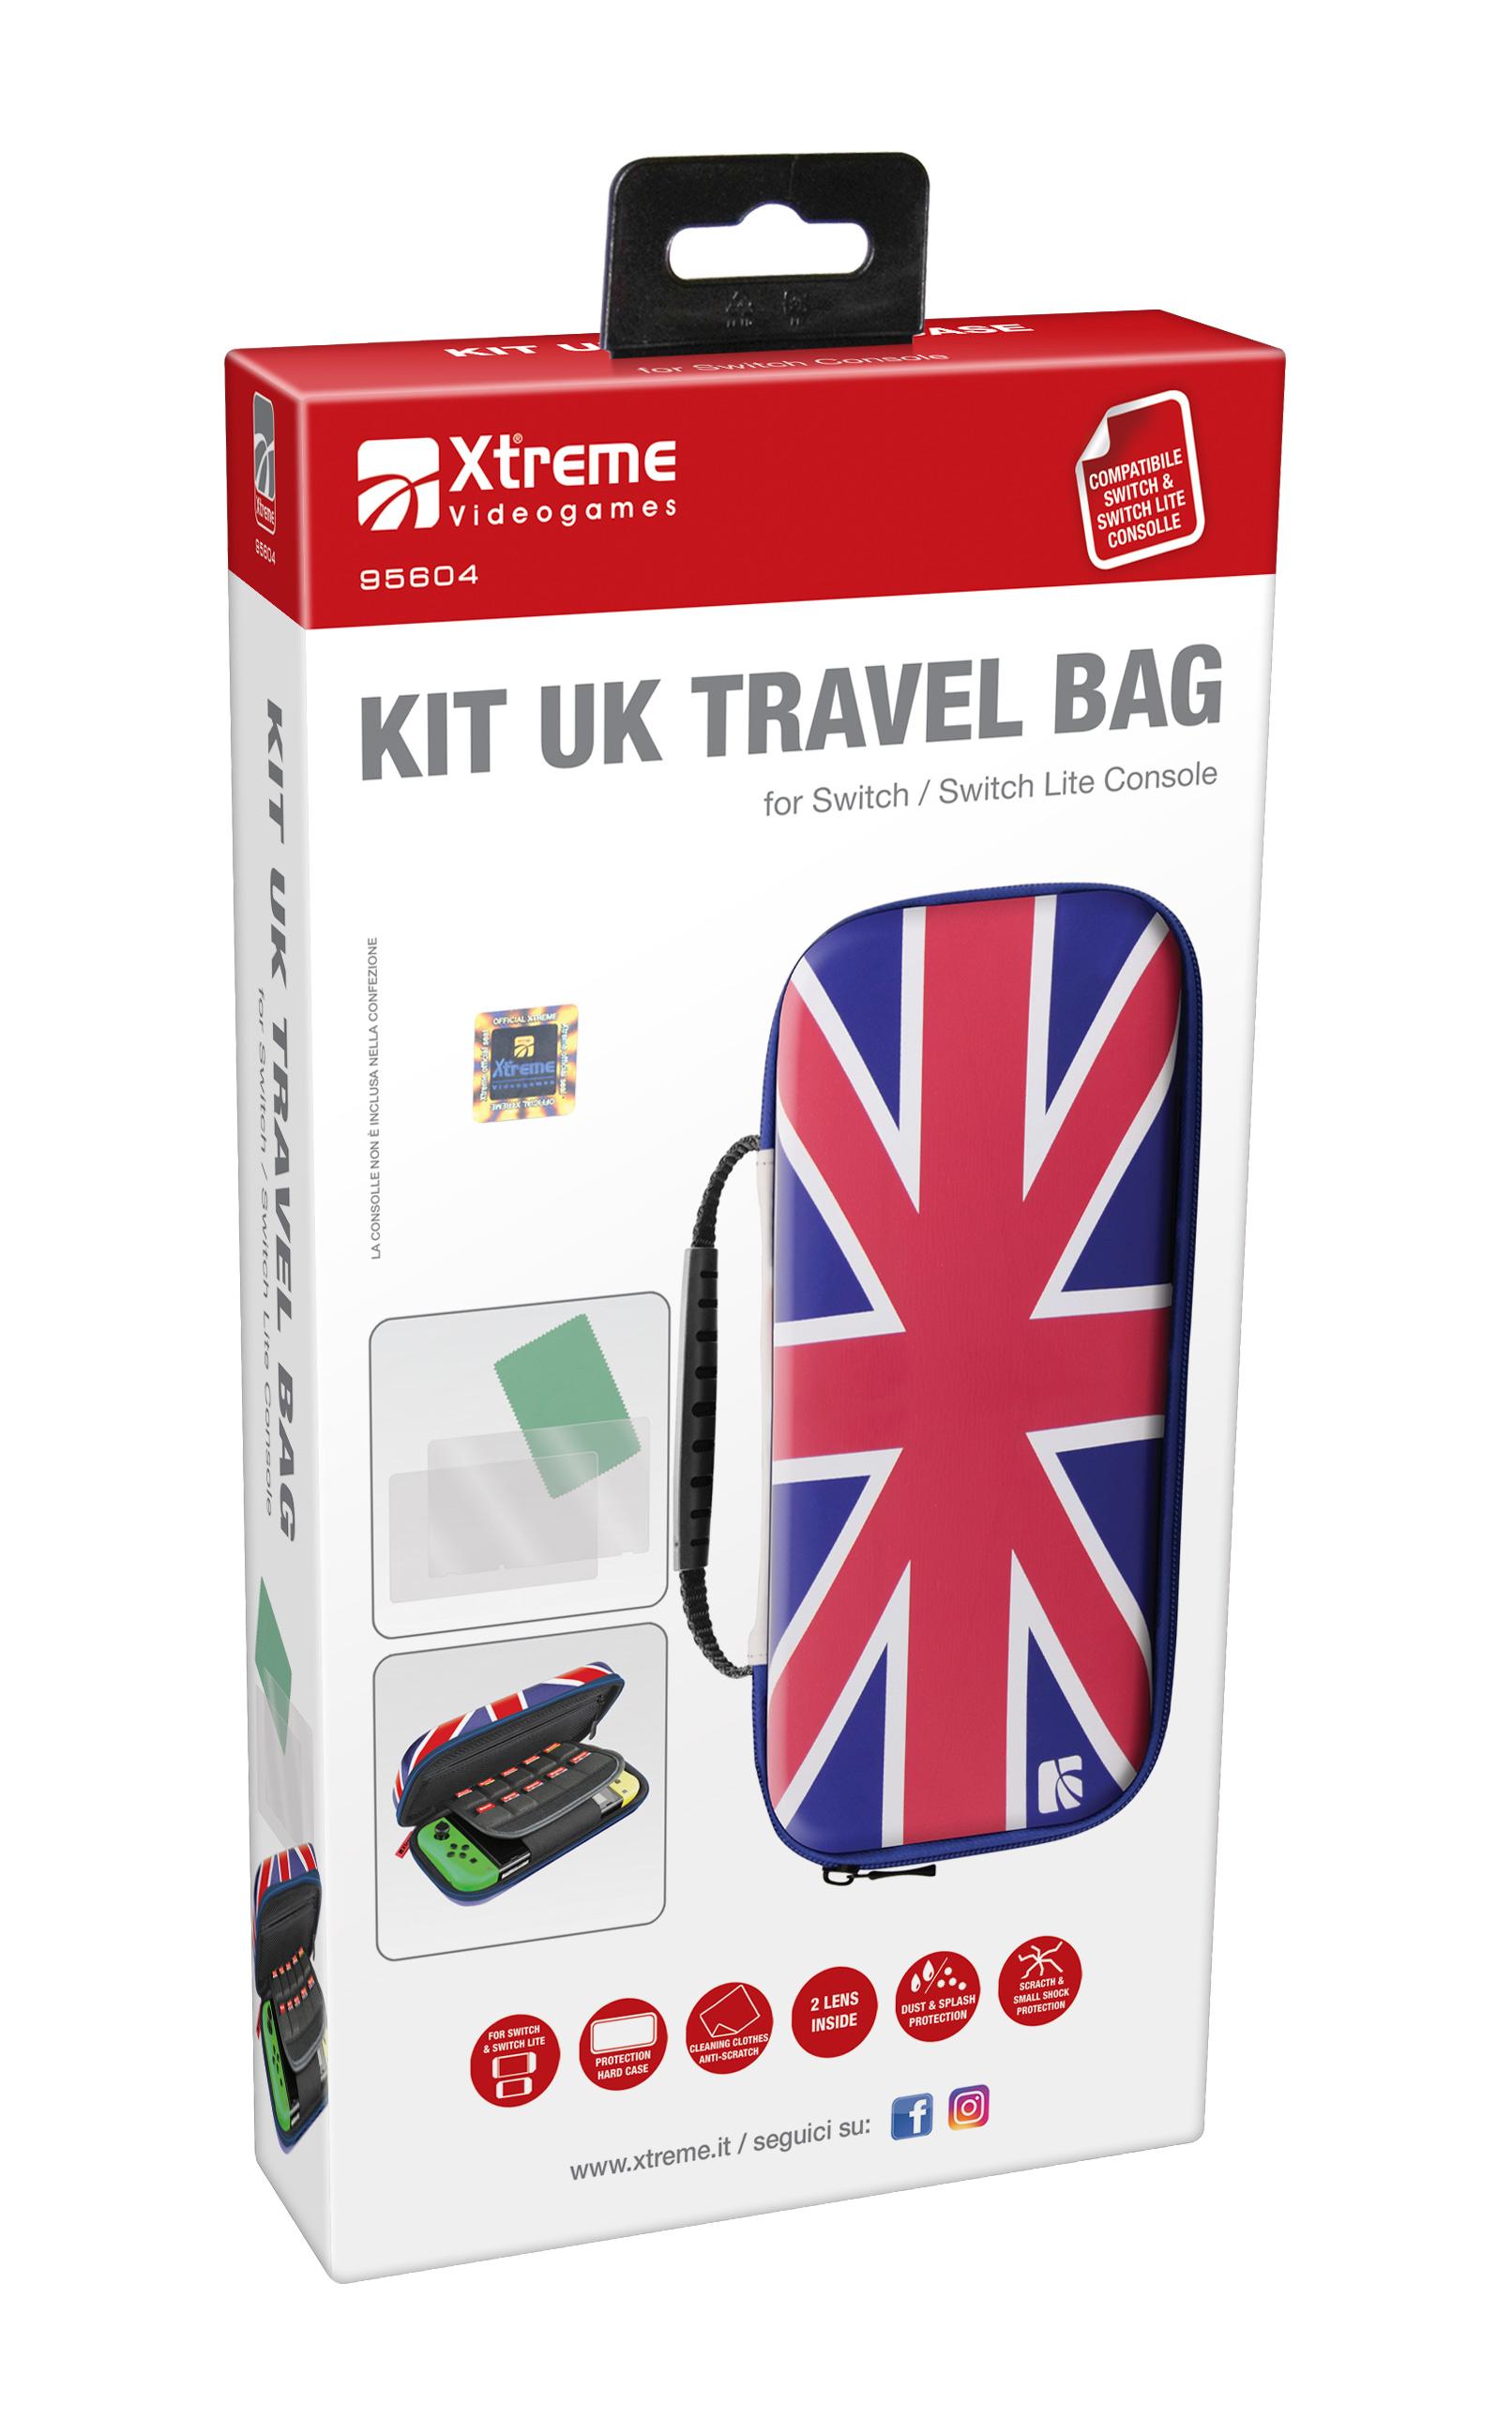 Xtreme 95604 Travel kit UK Compatibile Nintendo Switch